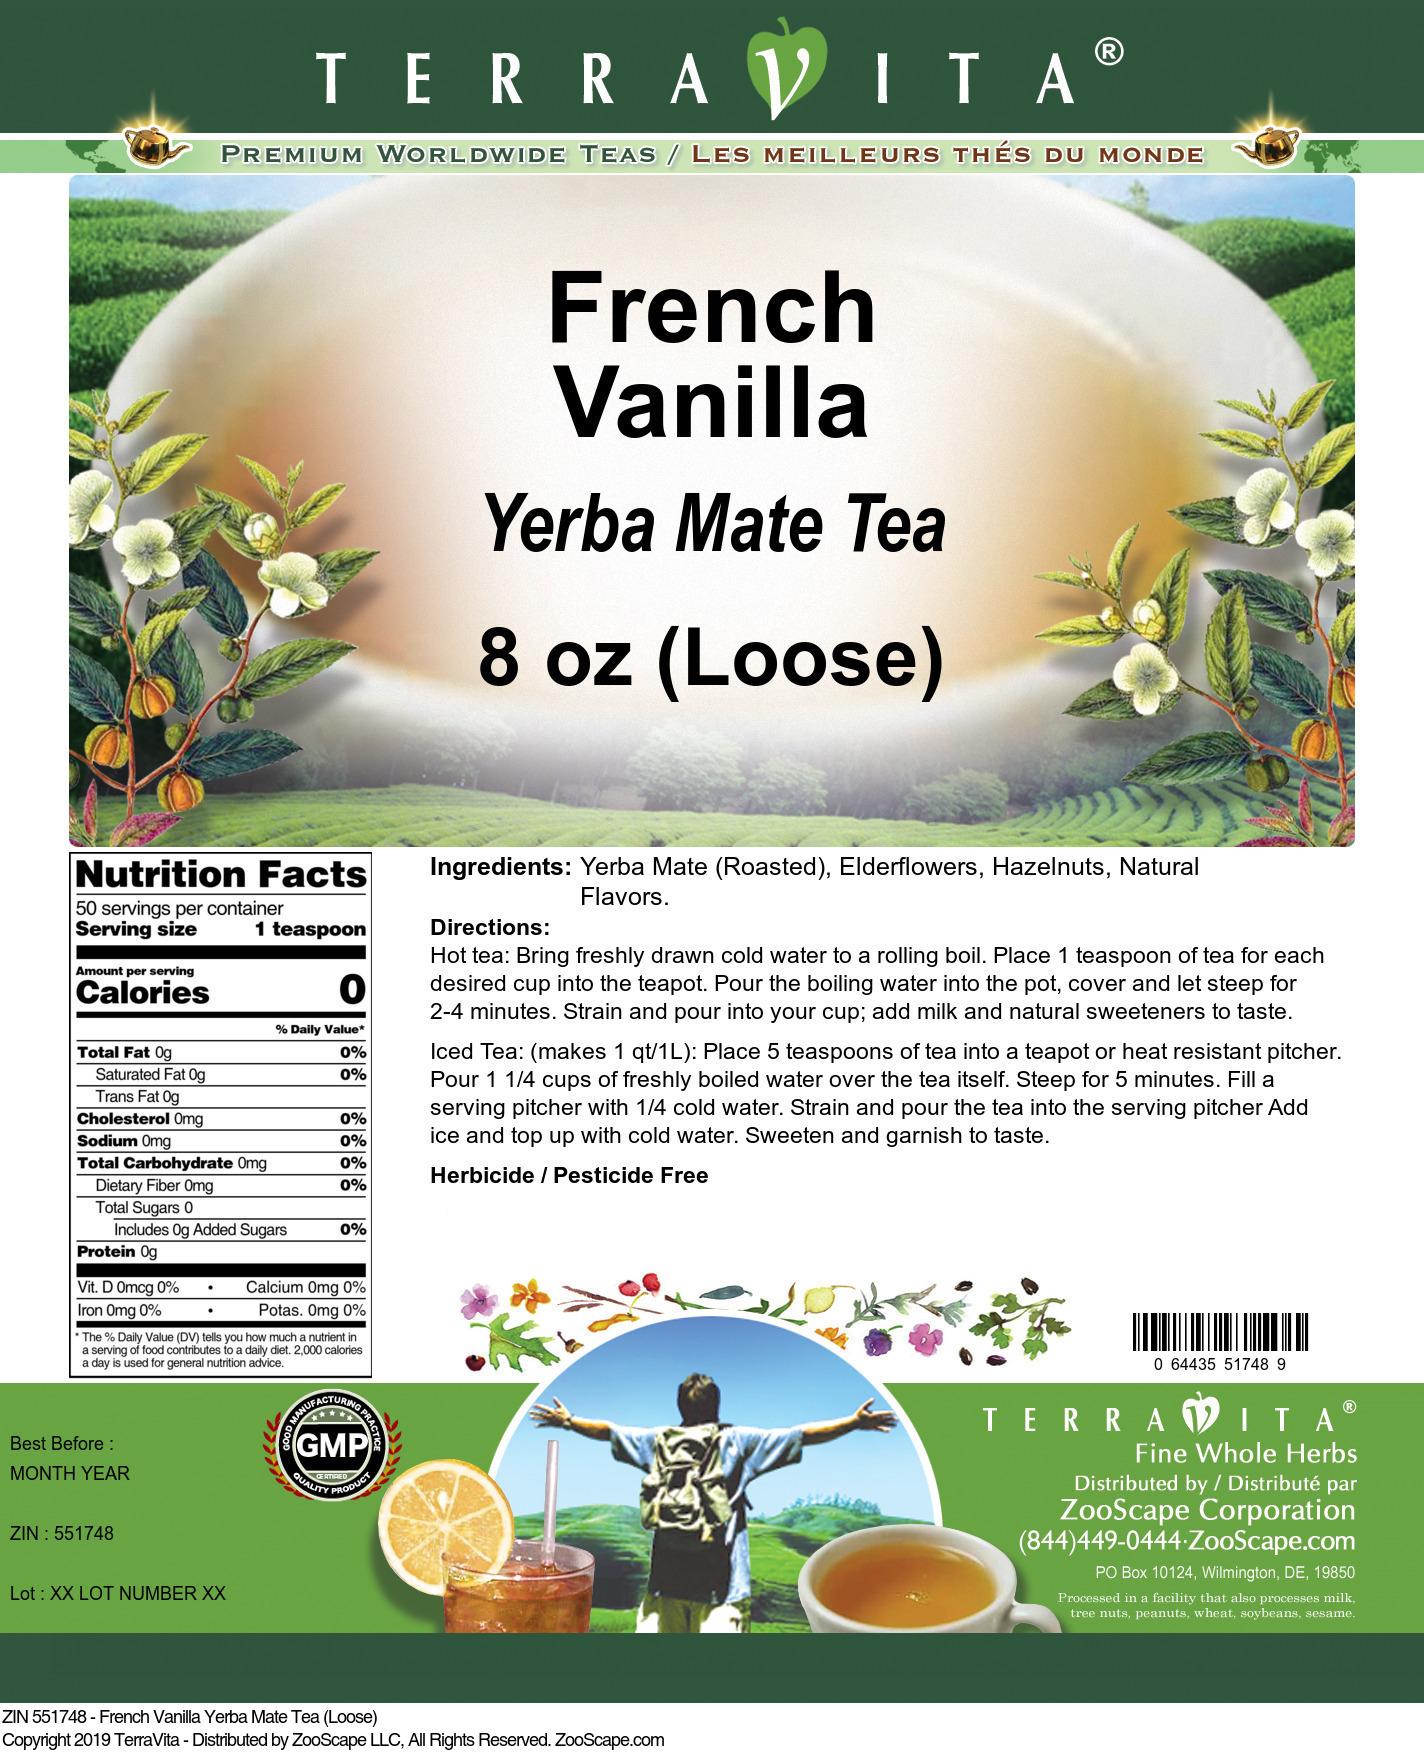 French Vanilla Yerba Mate